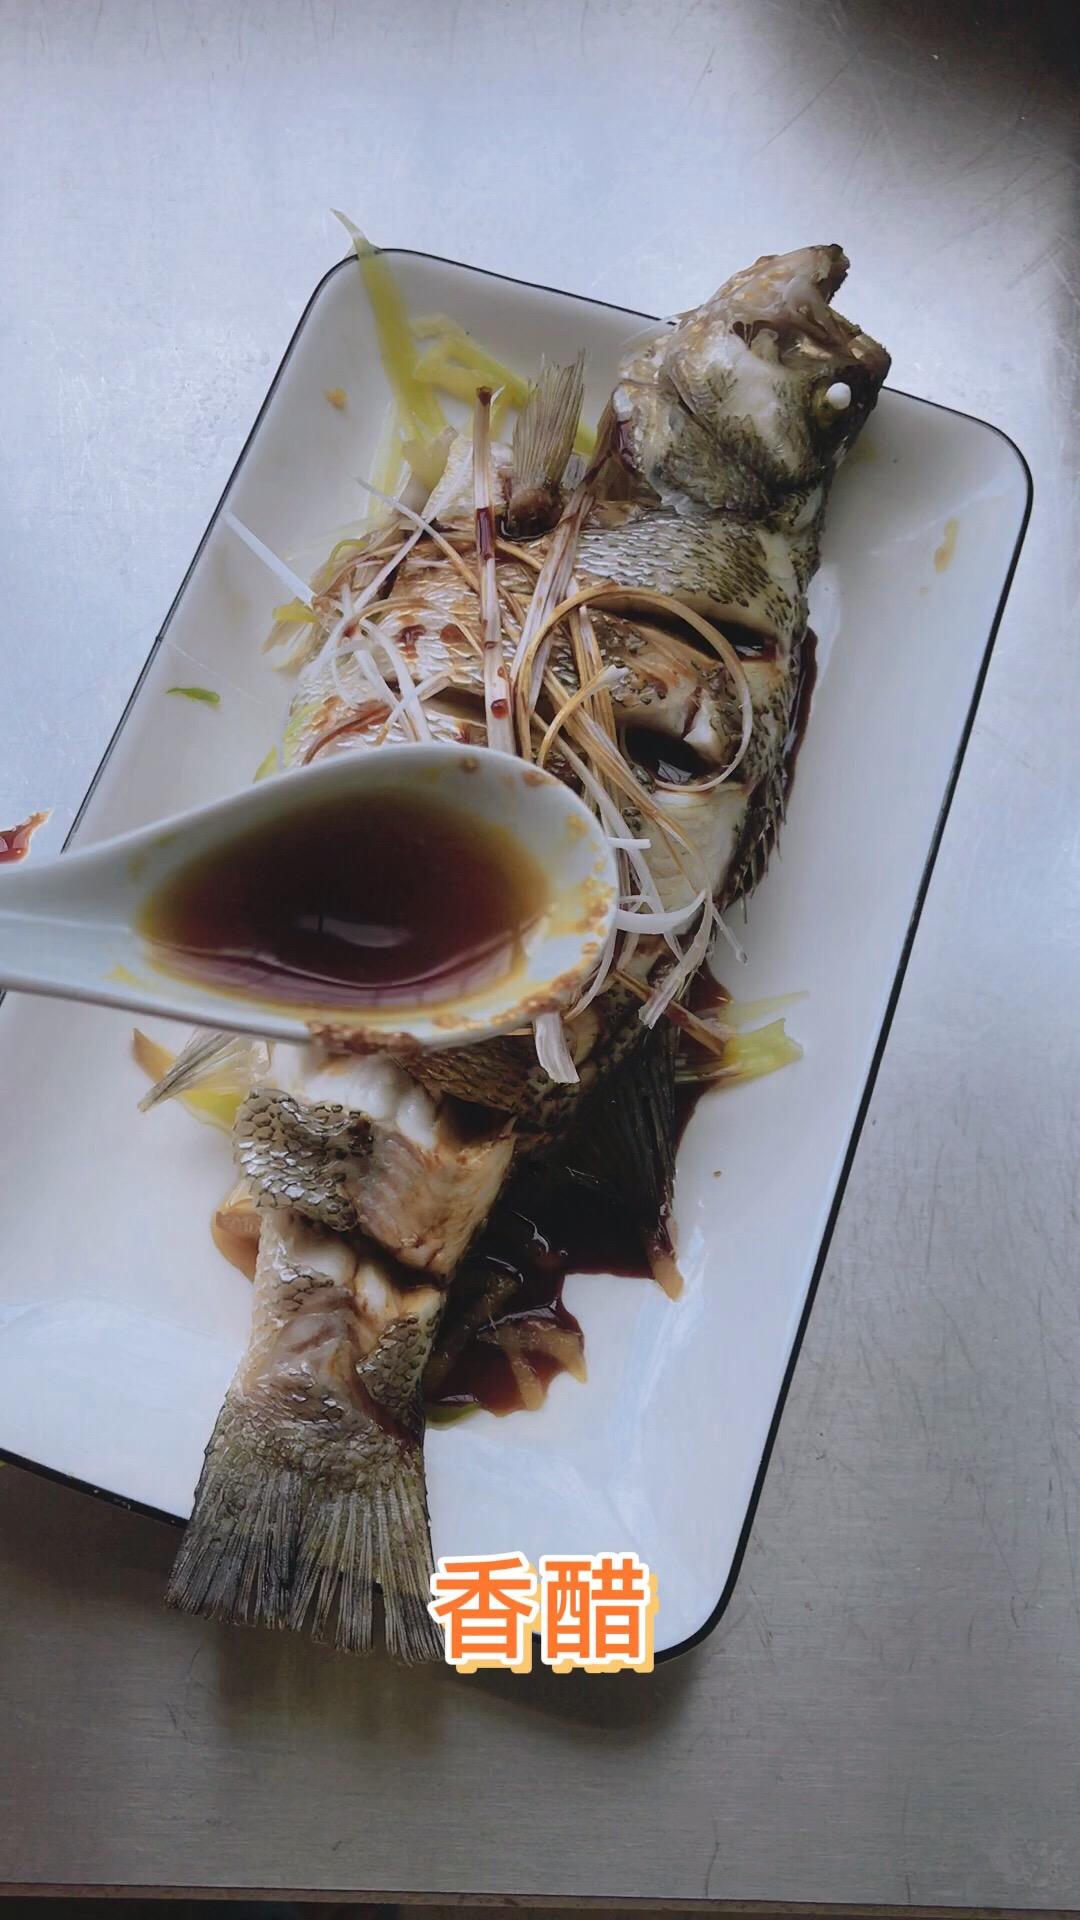 清蒸鲈鱼怎么炒